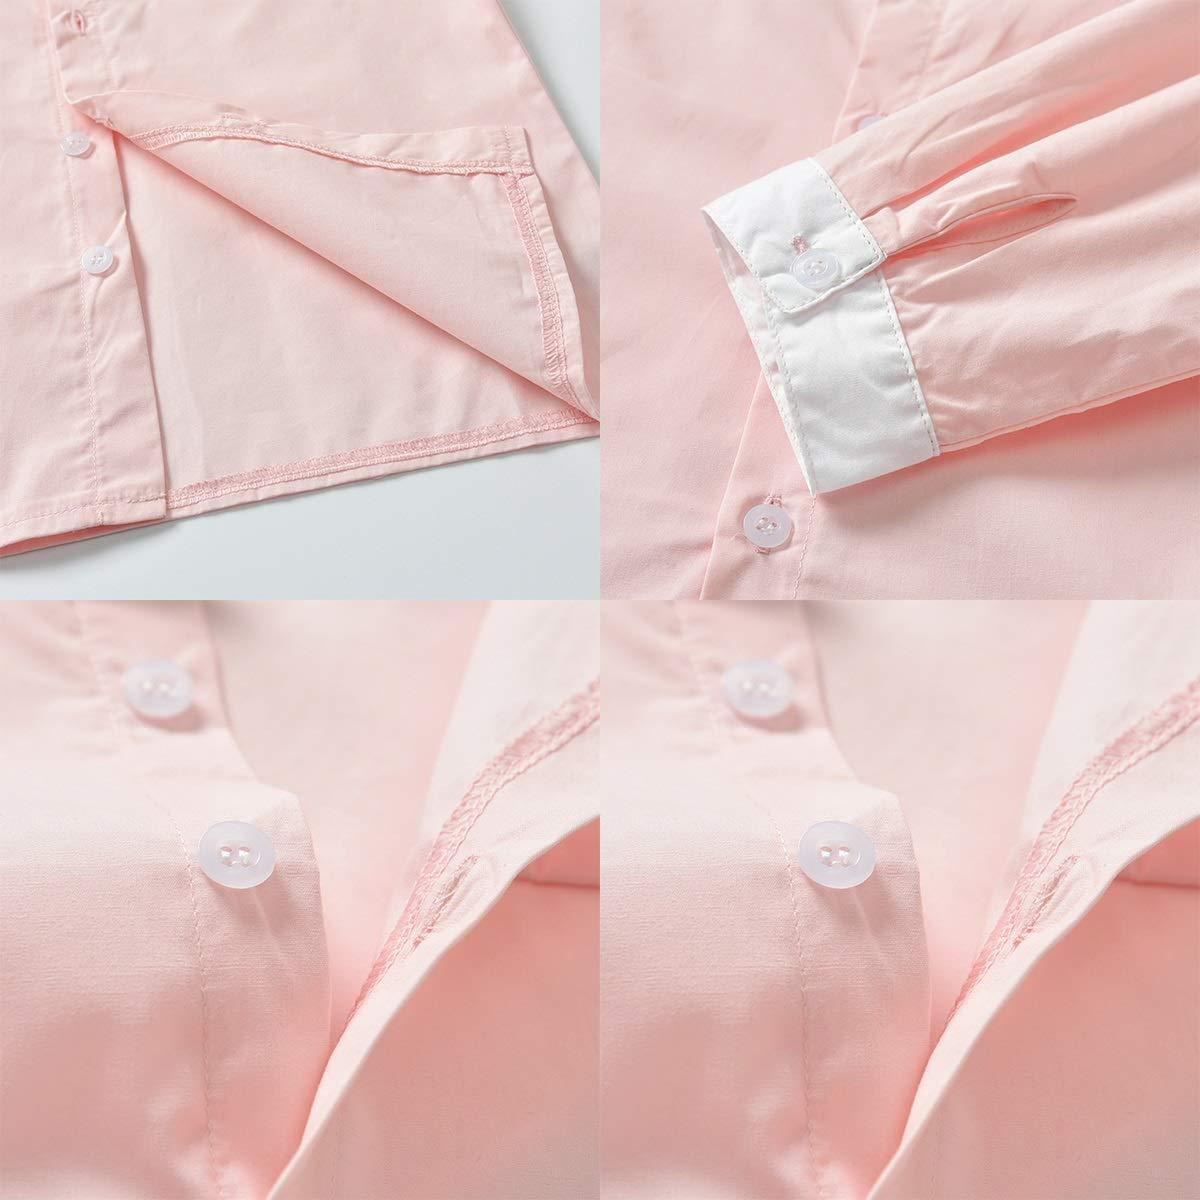 Trajes de Traje de Mono de Color de Primavera y Contraste en Color de Contraste Camisa de Manga Larga con Pajarita pantal/ón de Liga para beb/és y ni/ños peque/ños